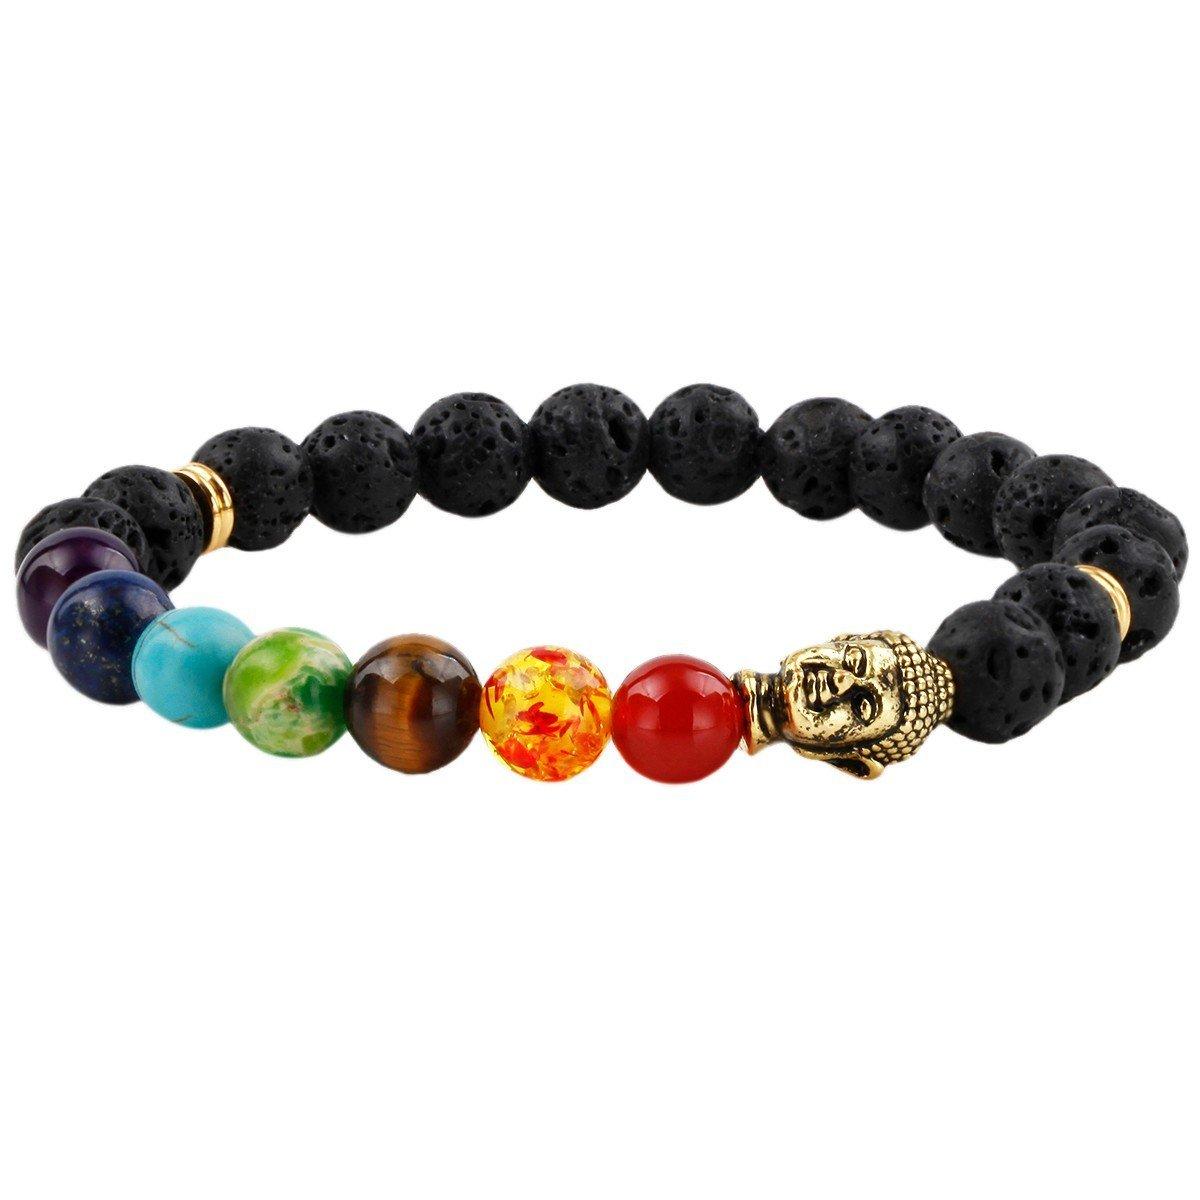 SUNYIK Semi Precious Stone Bracelet, Chakra Ctystal Healing, Balancing Reiki, Yoga Jewelry SUNGDW001106